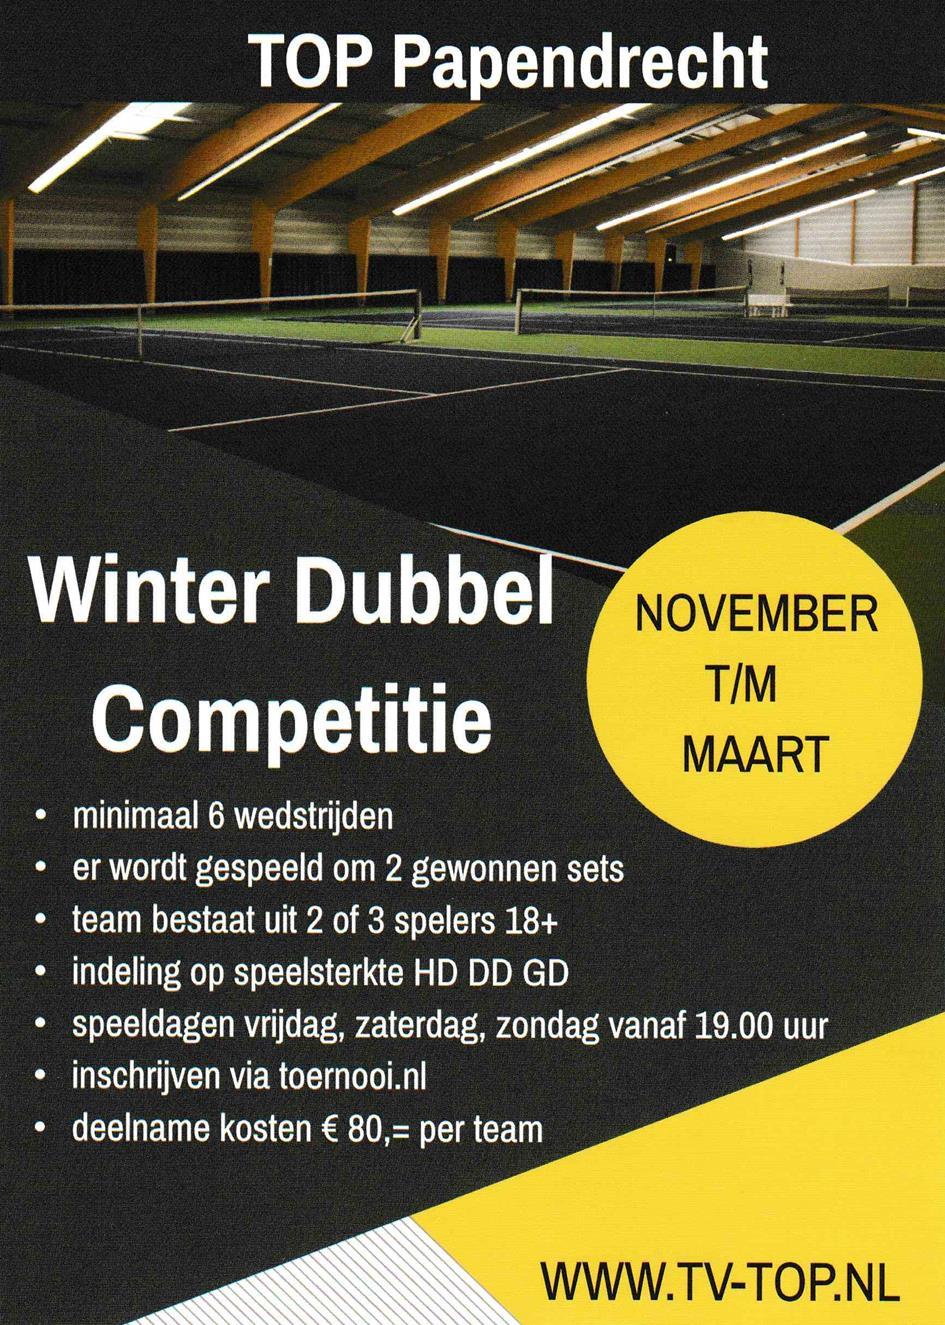 Wintertennisdubbelcompetitie (2).jpg